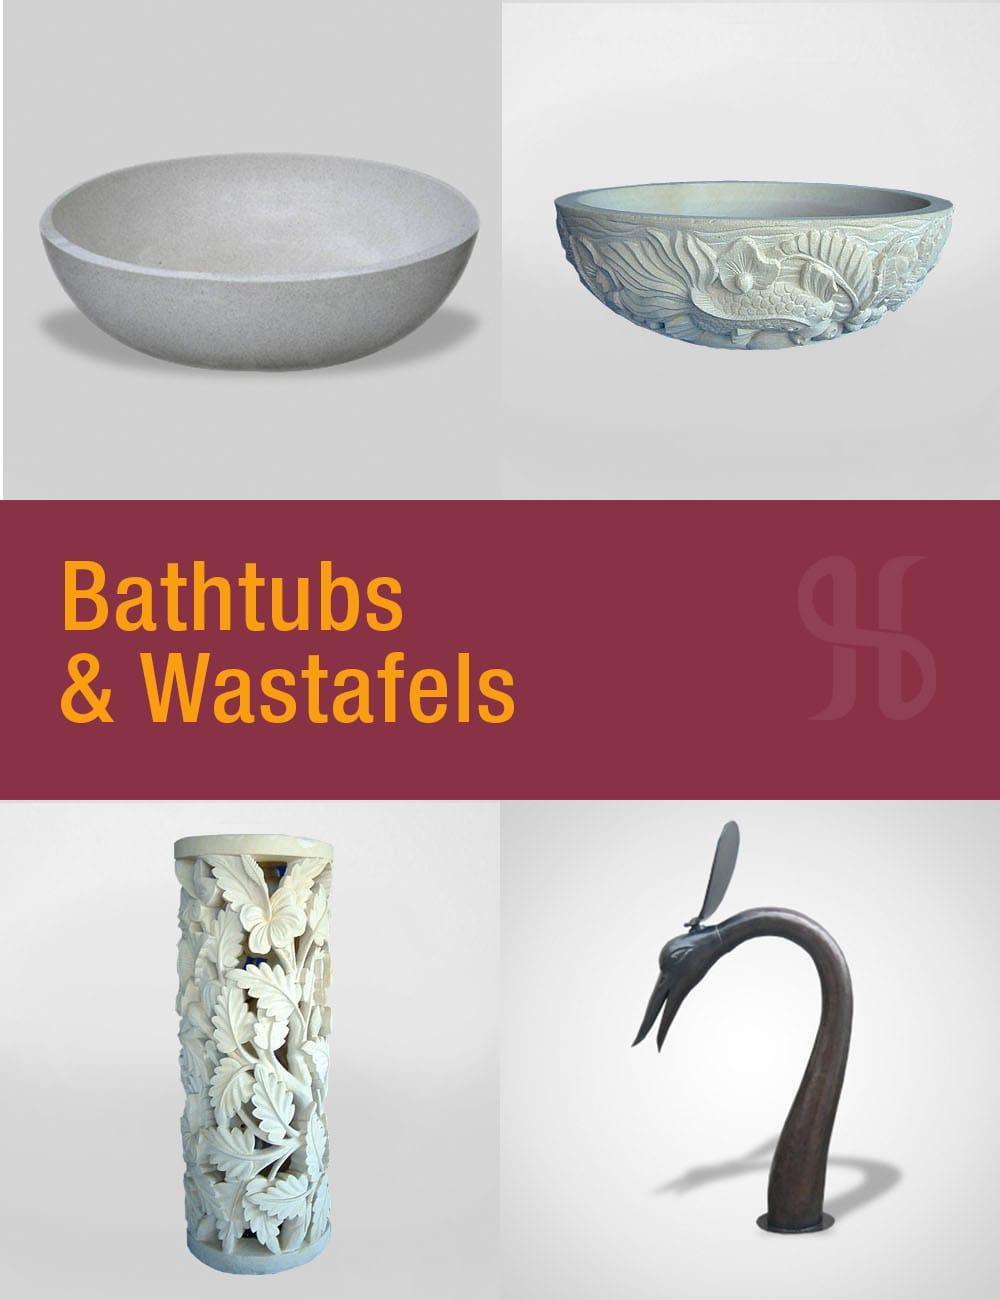 Bathtubs and Wastafels